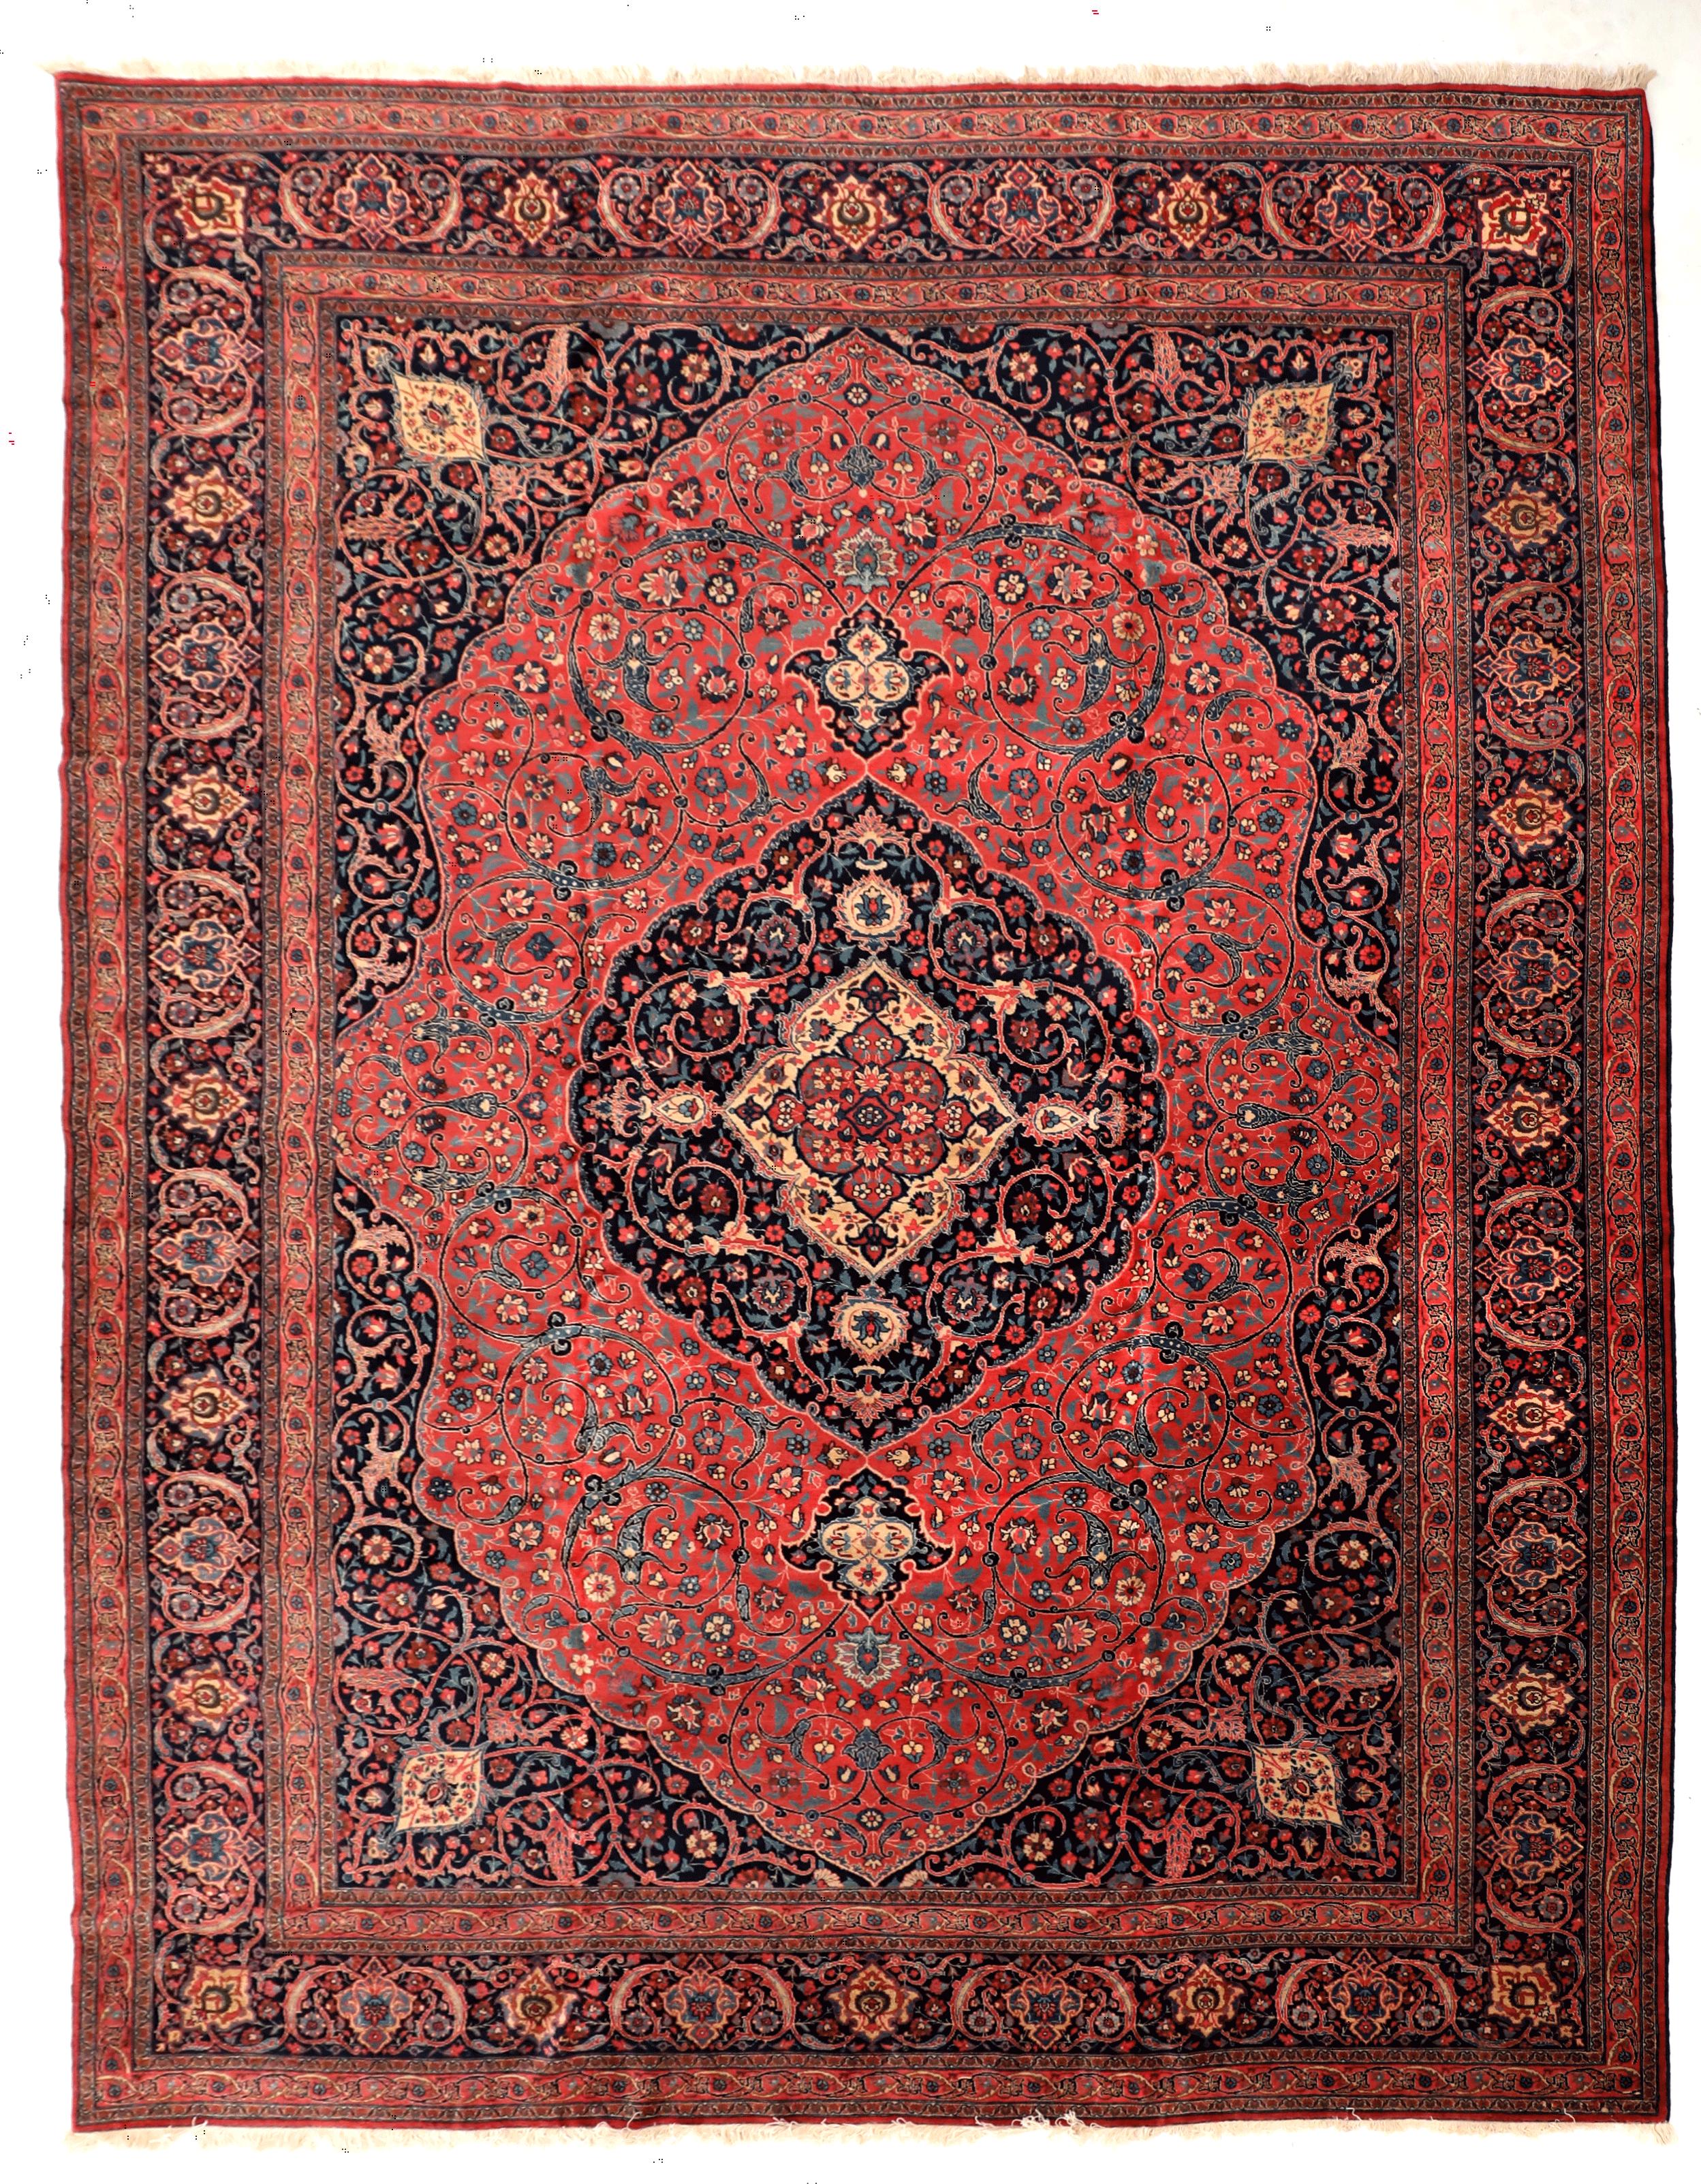 Antique Red Indigo Pink And Cream Traditional Persian Tabriz Carpet In Arabesque Design 12 X 14 In 2020 Antique Persian Carpet Persian Carpet Rugs On Carpet